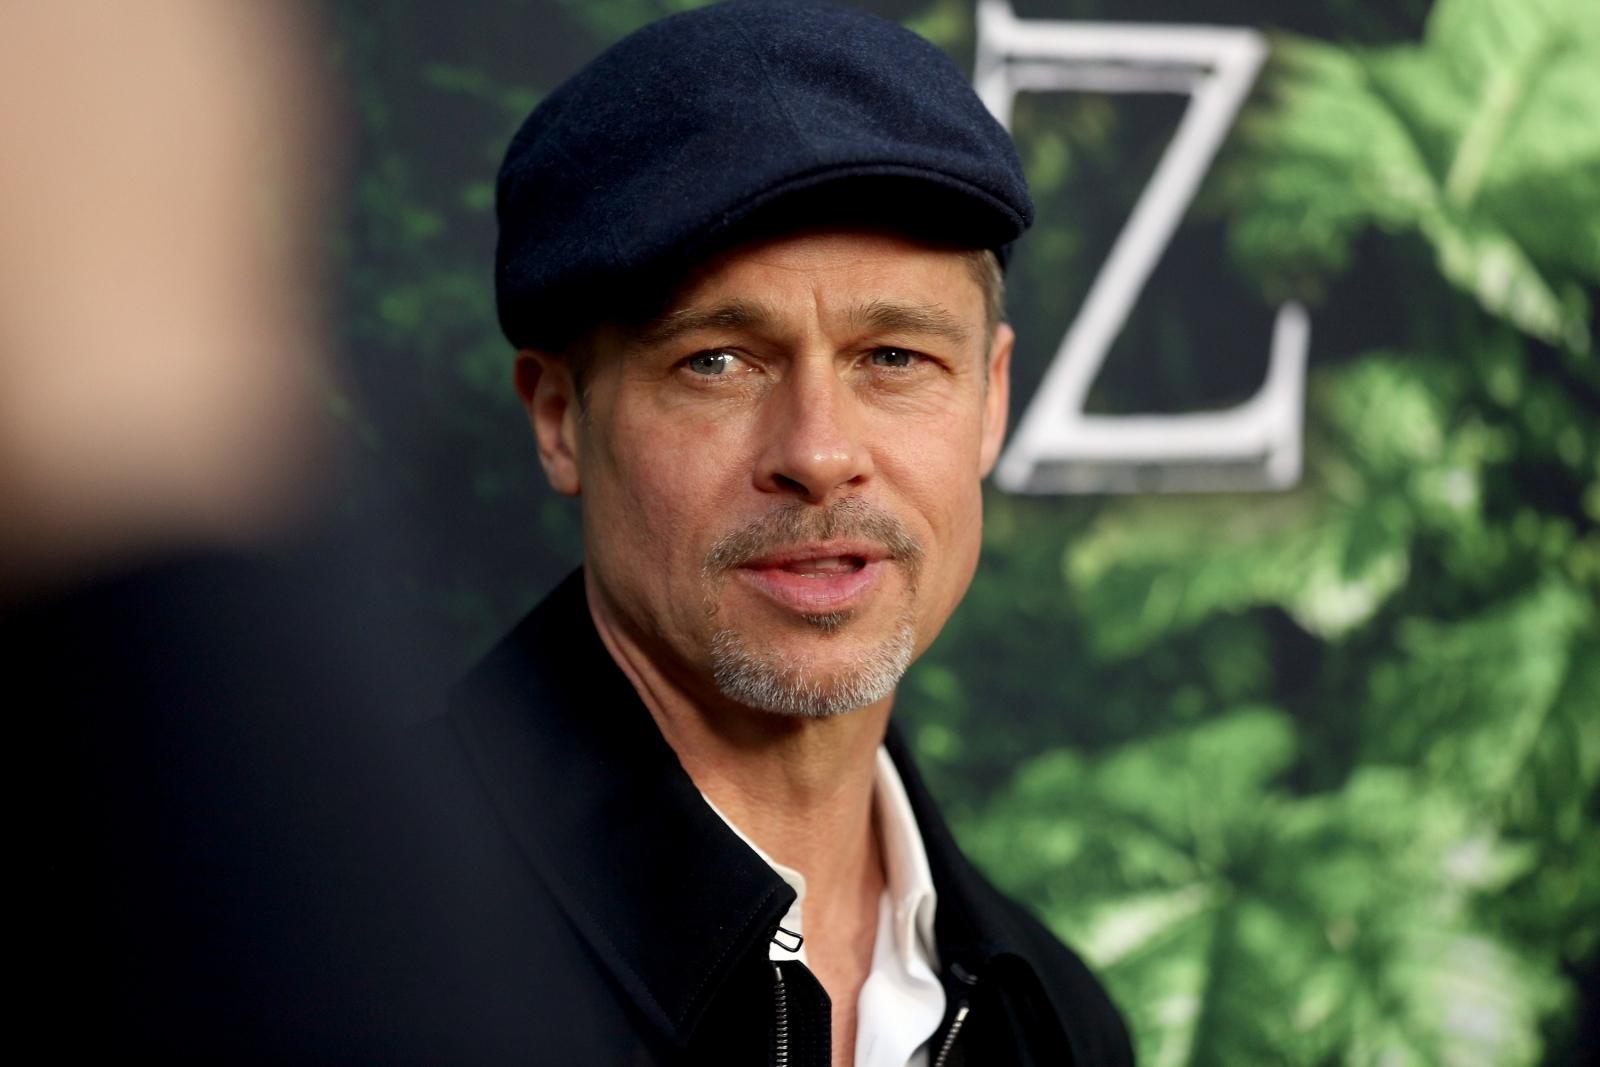 Brad Pitt took 'big risk' threatening shamed producer Harvey Weinstein for harassing Gwyneth Paltrow